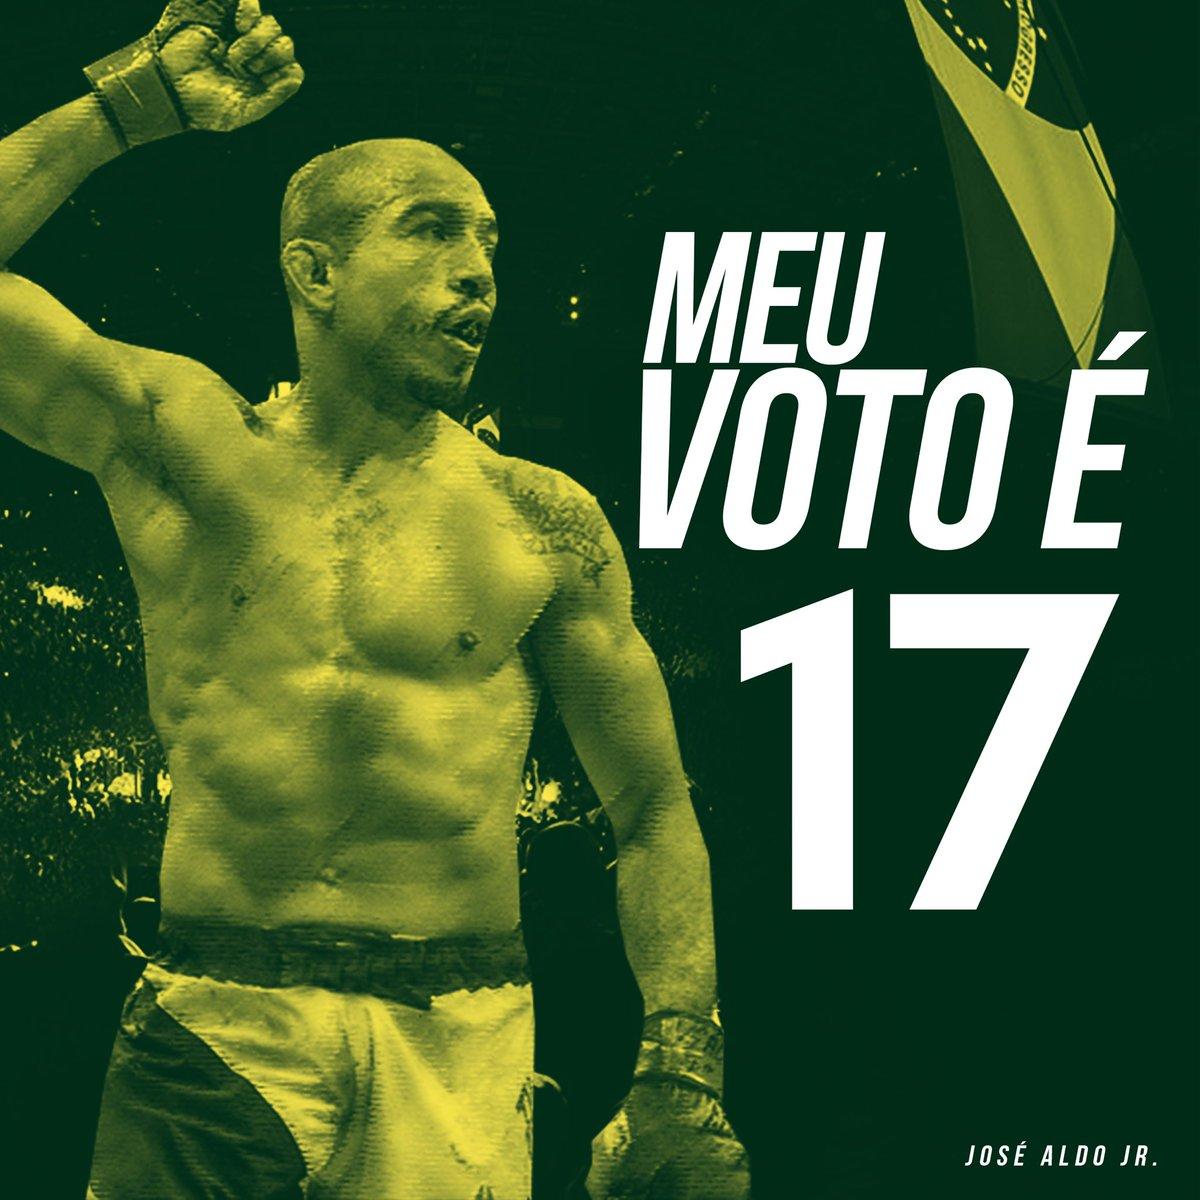 Minha bandeira é verde e amarelo🇧🇷 quero um país melhor! Sou @jairmessiasbolsonaro 👊🏽⭐️🥇#bolsonaro #bolsoneias